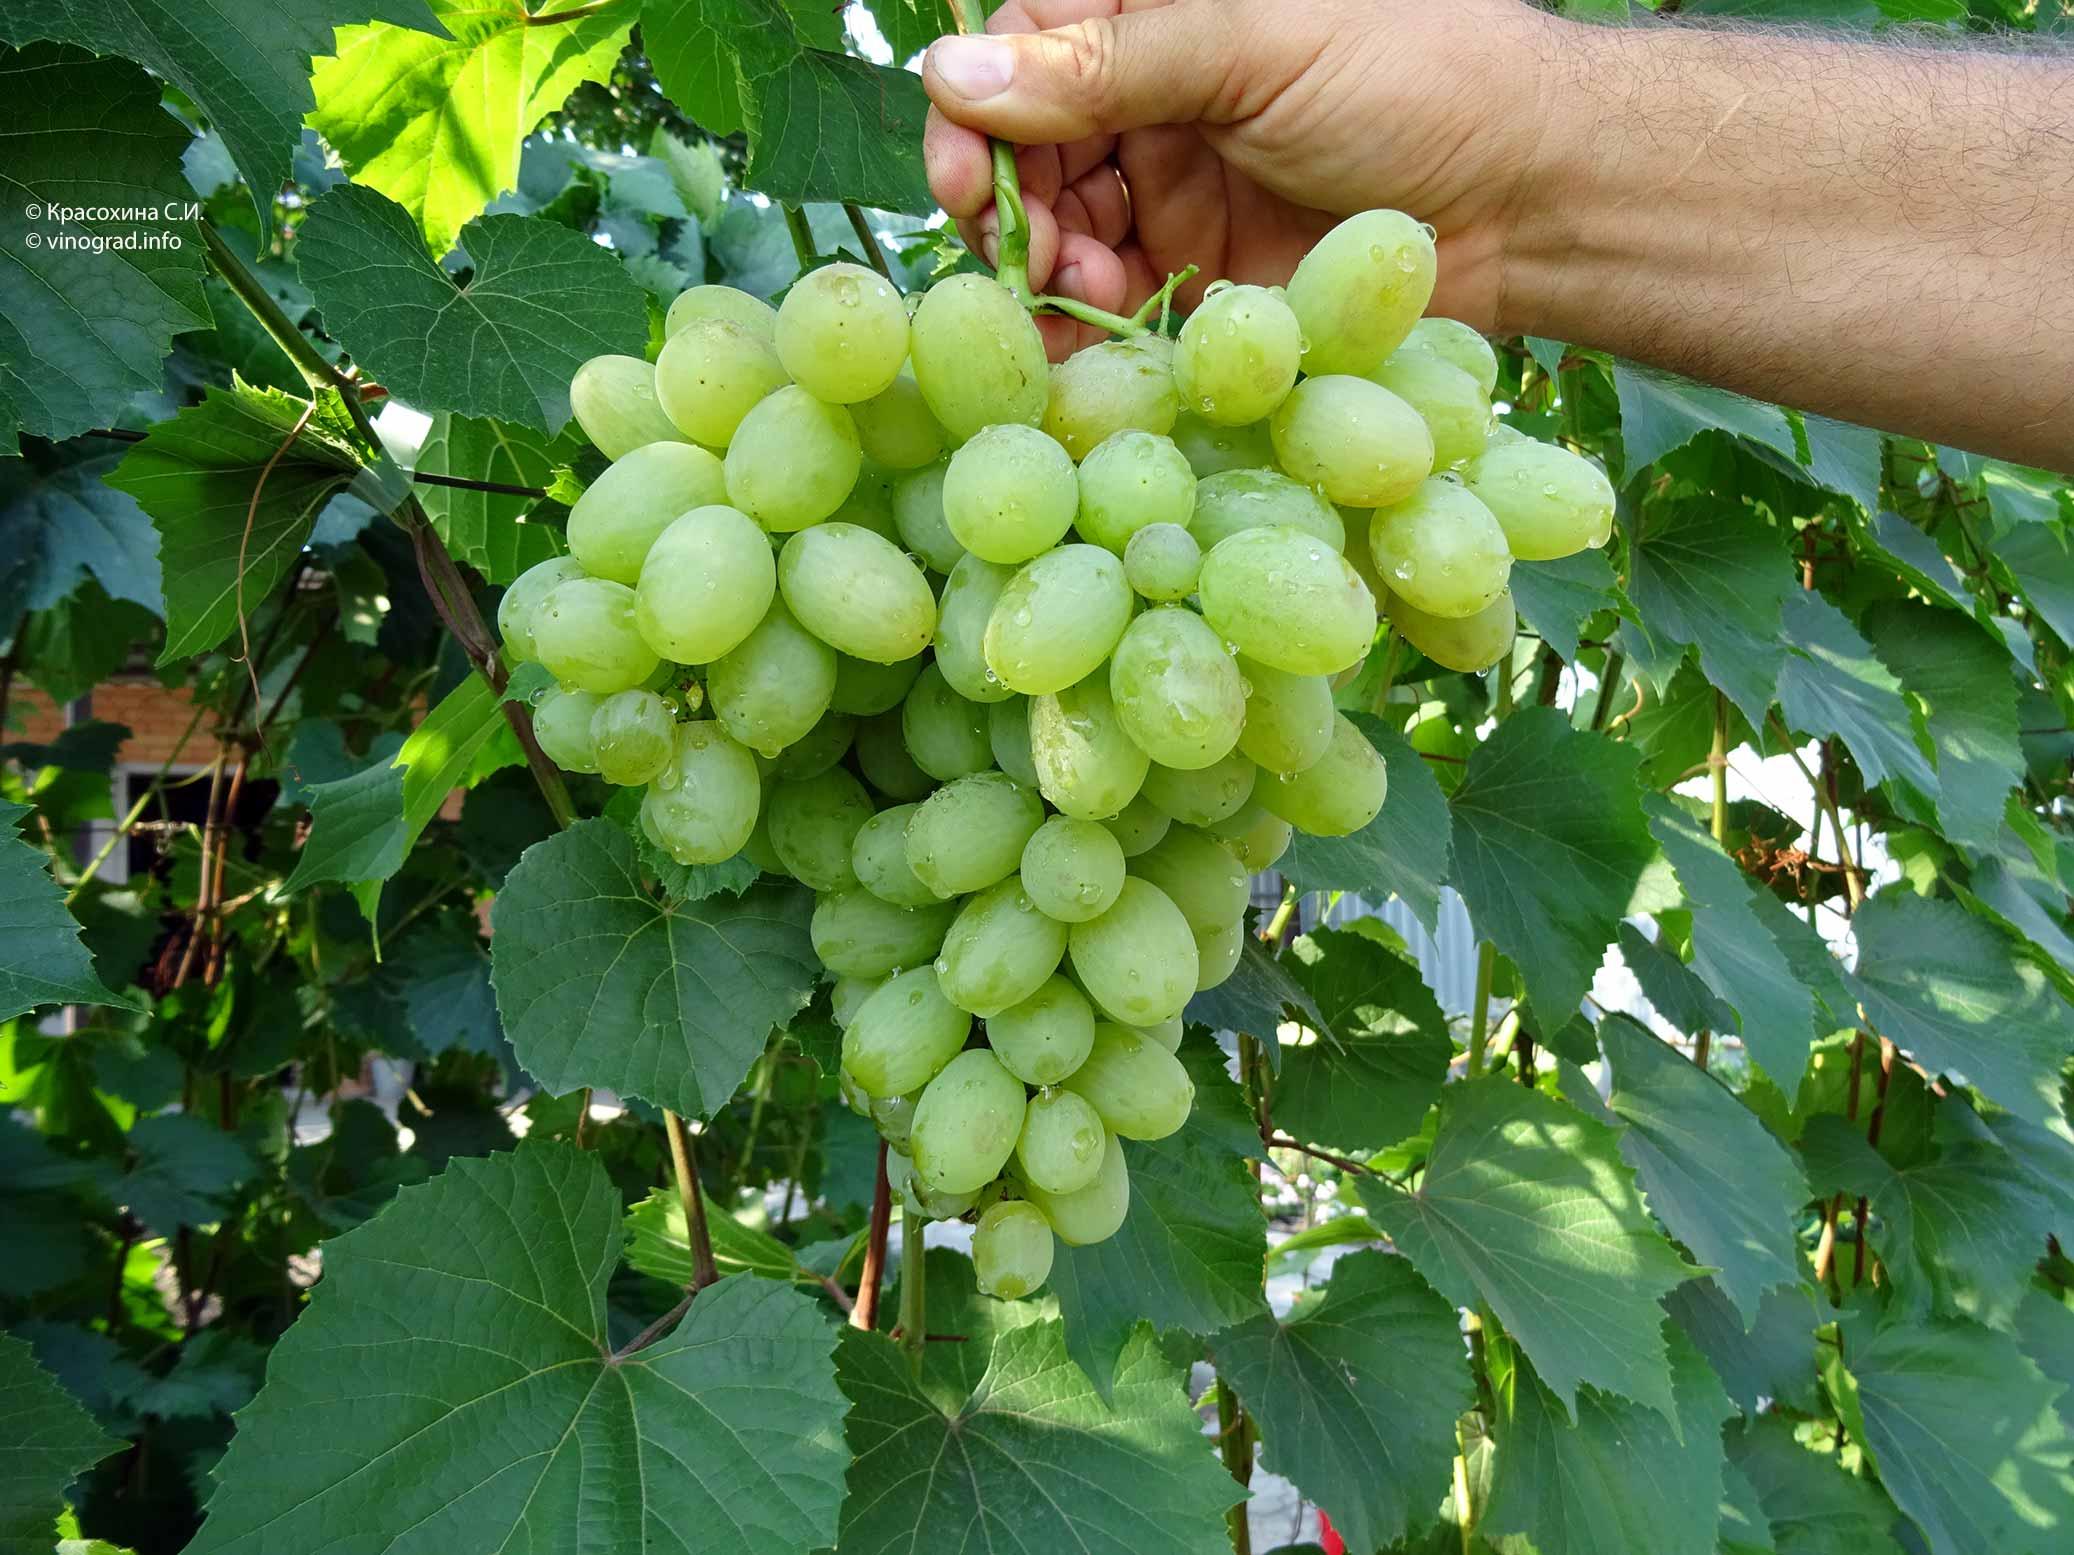 Виноград «подарок запорожью»: характеристика сорта и советы по культивированию